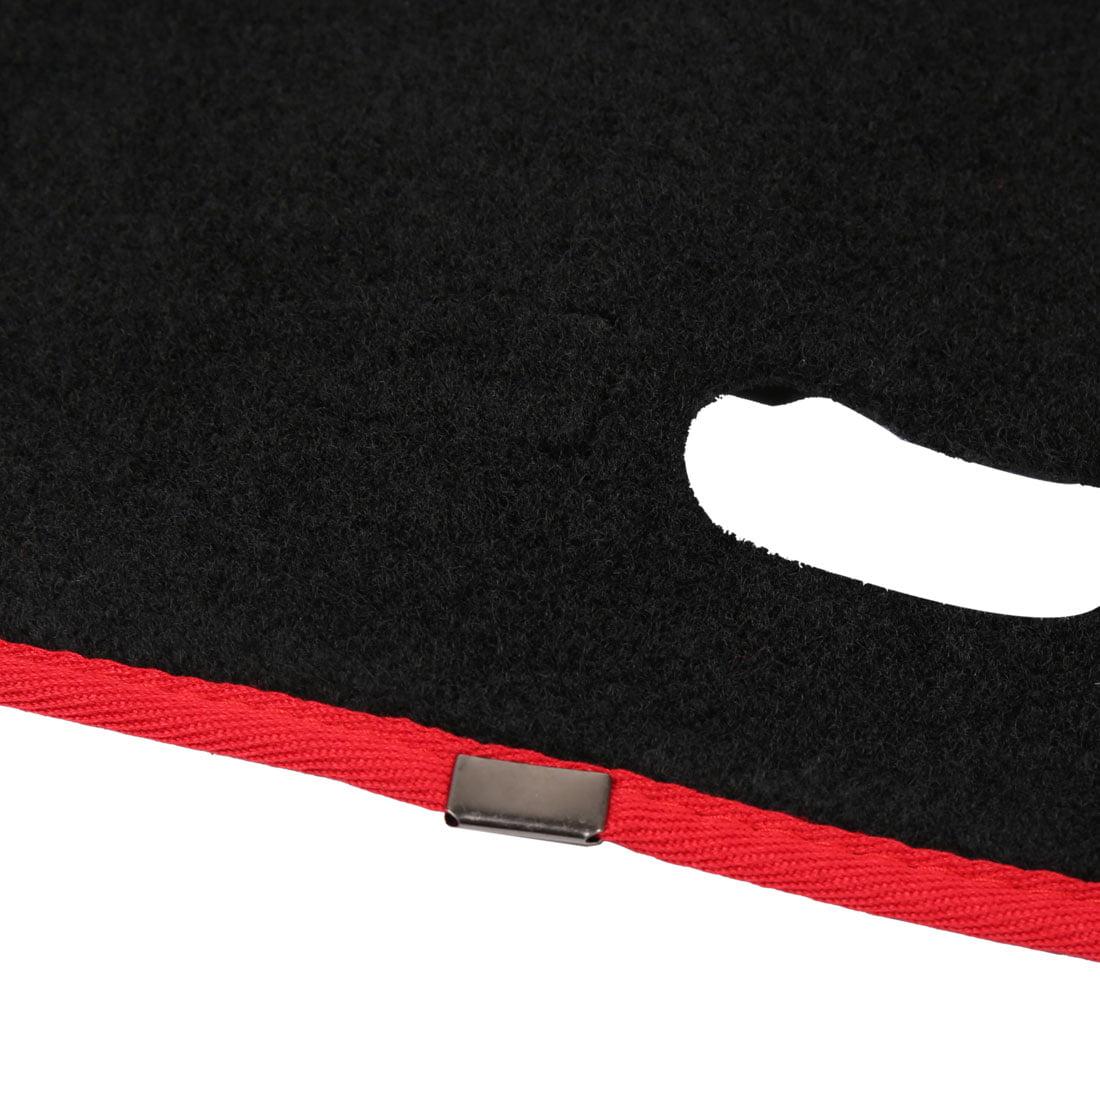 Car Inner Dashboard Cover Dash Mat Carpet Pad Protector for 2017 SGMW Baojun 730 - image 1 of 5